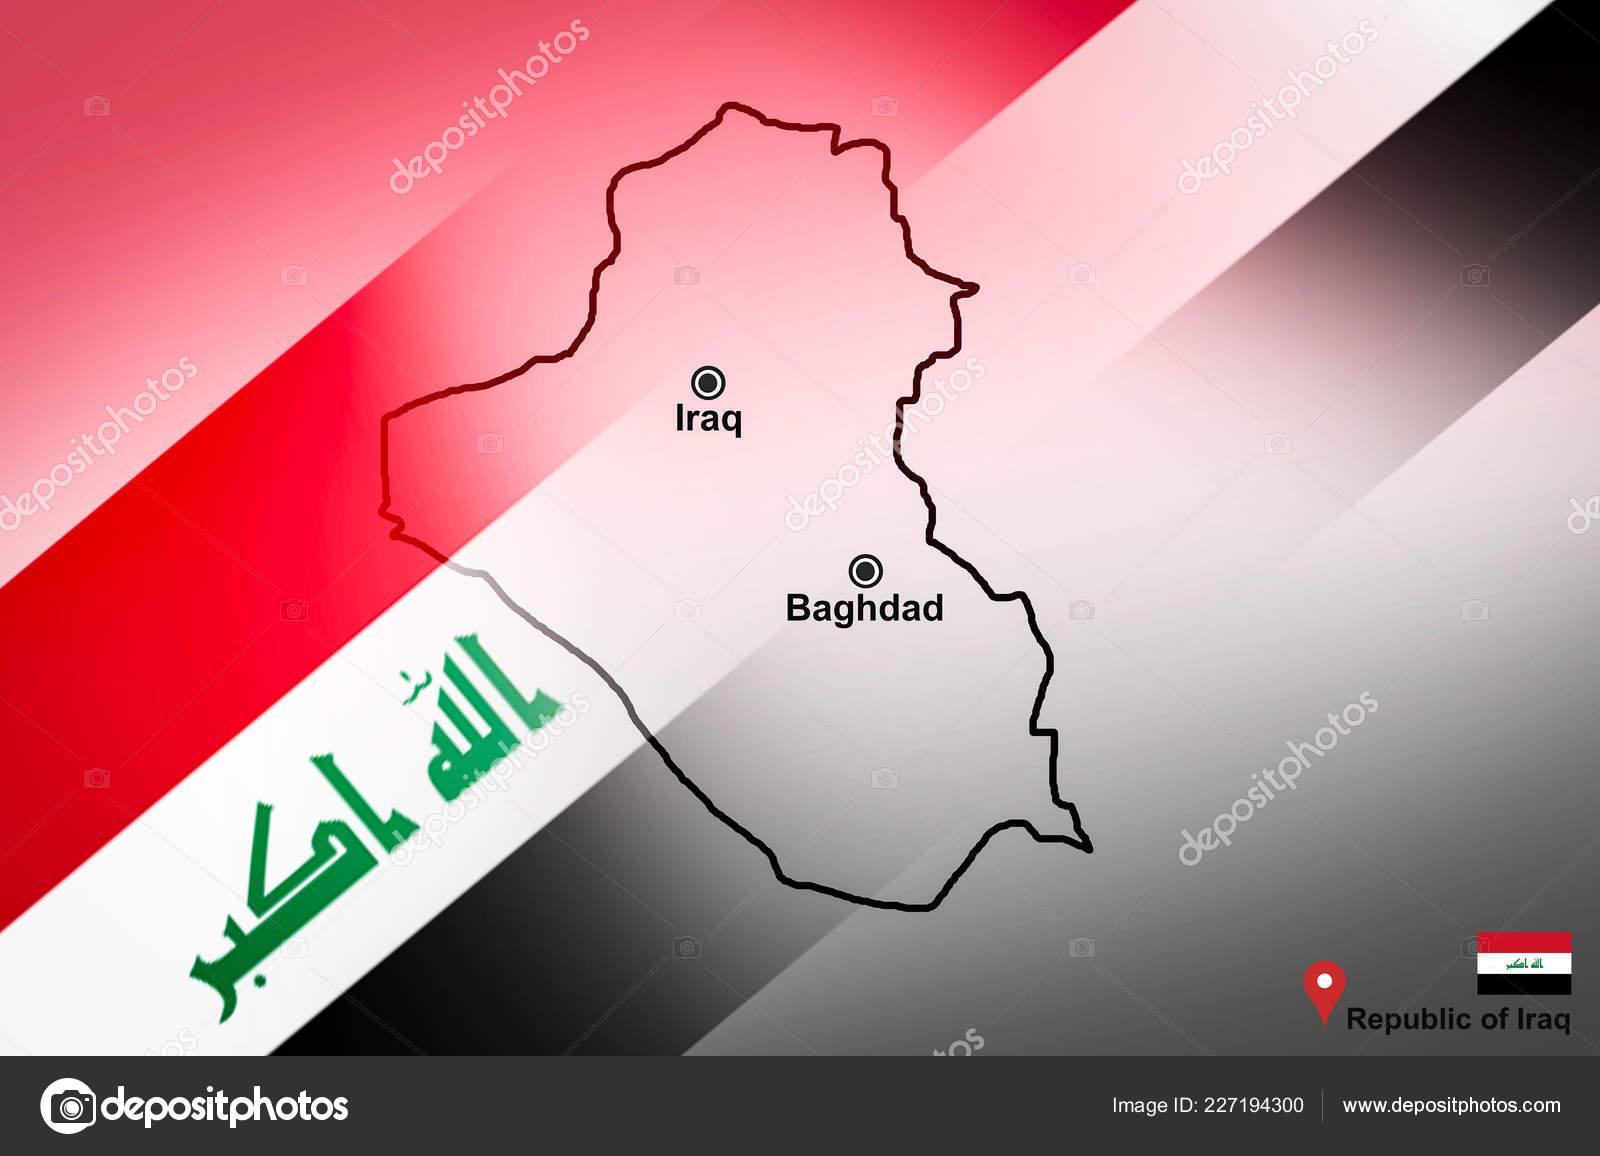 Karte Des Irak Und Bagdad Mit Standort Karte Pin Und — Stockfoto ...